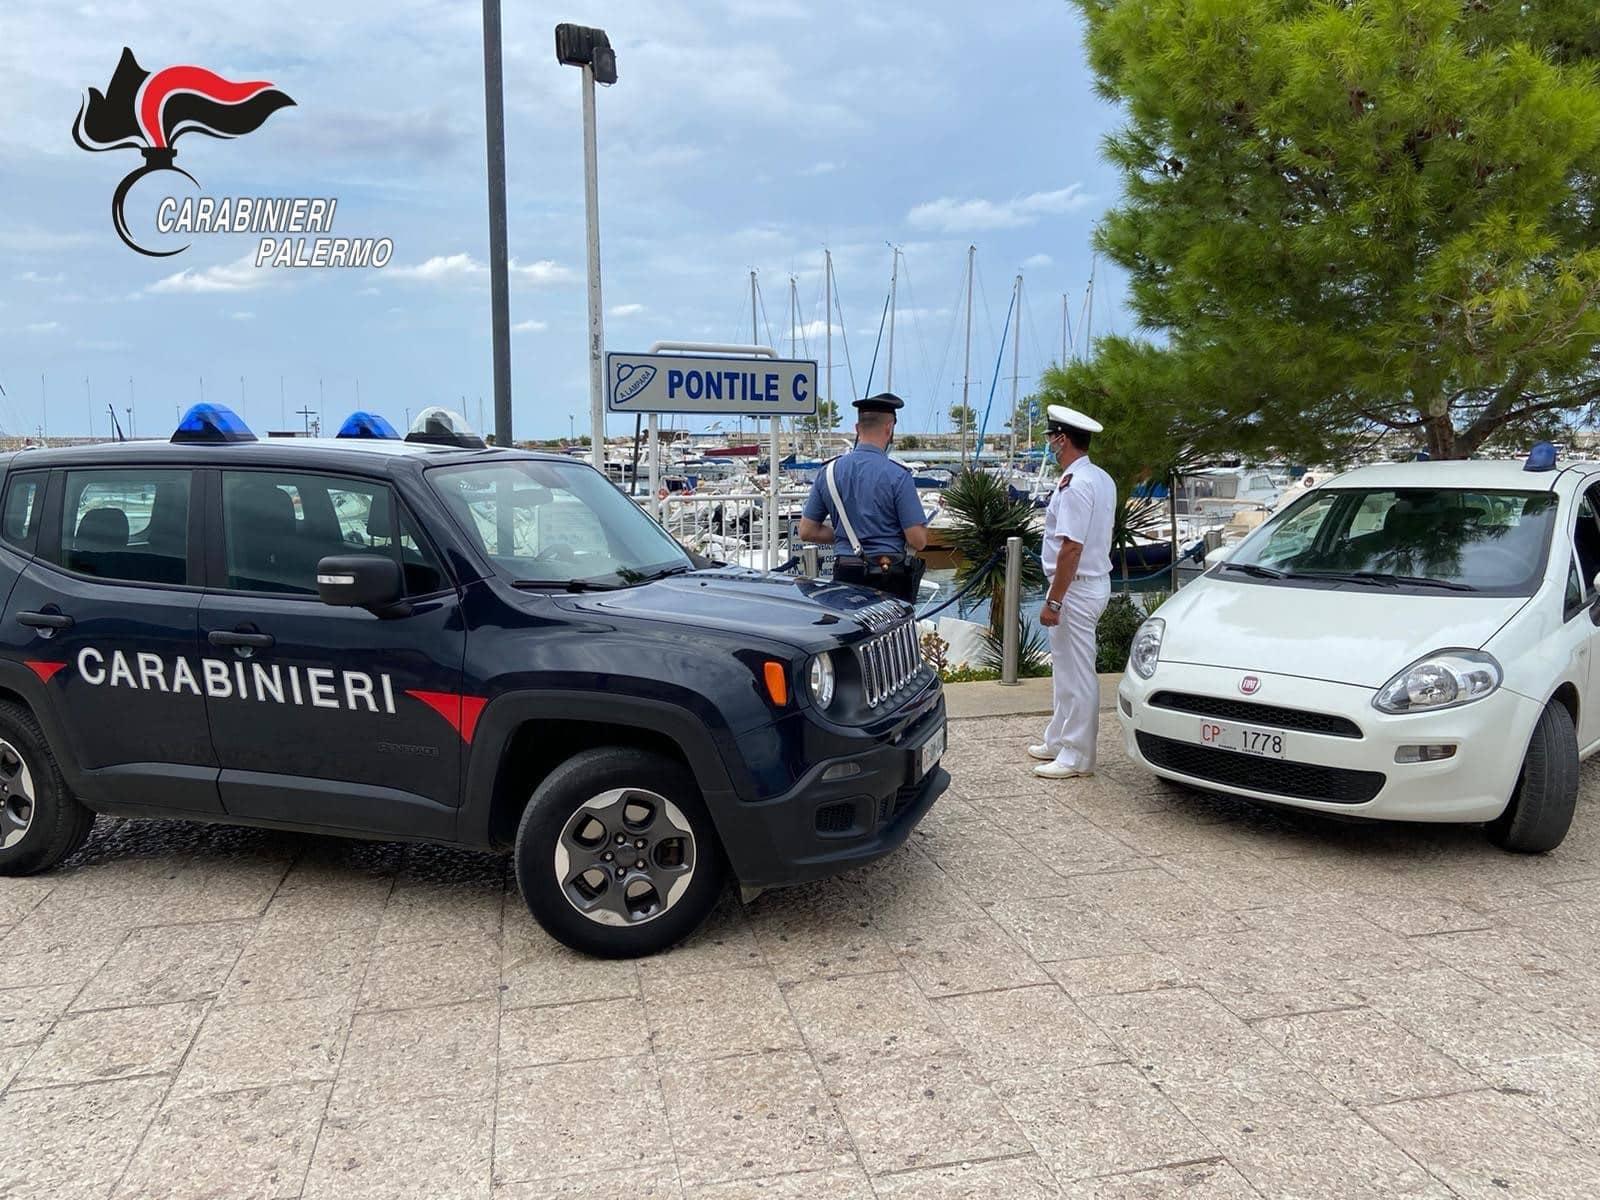 Le eliche dell'imbarcazione feriscono un uomo, deferiti due belgi